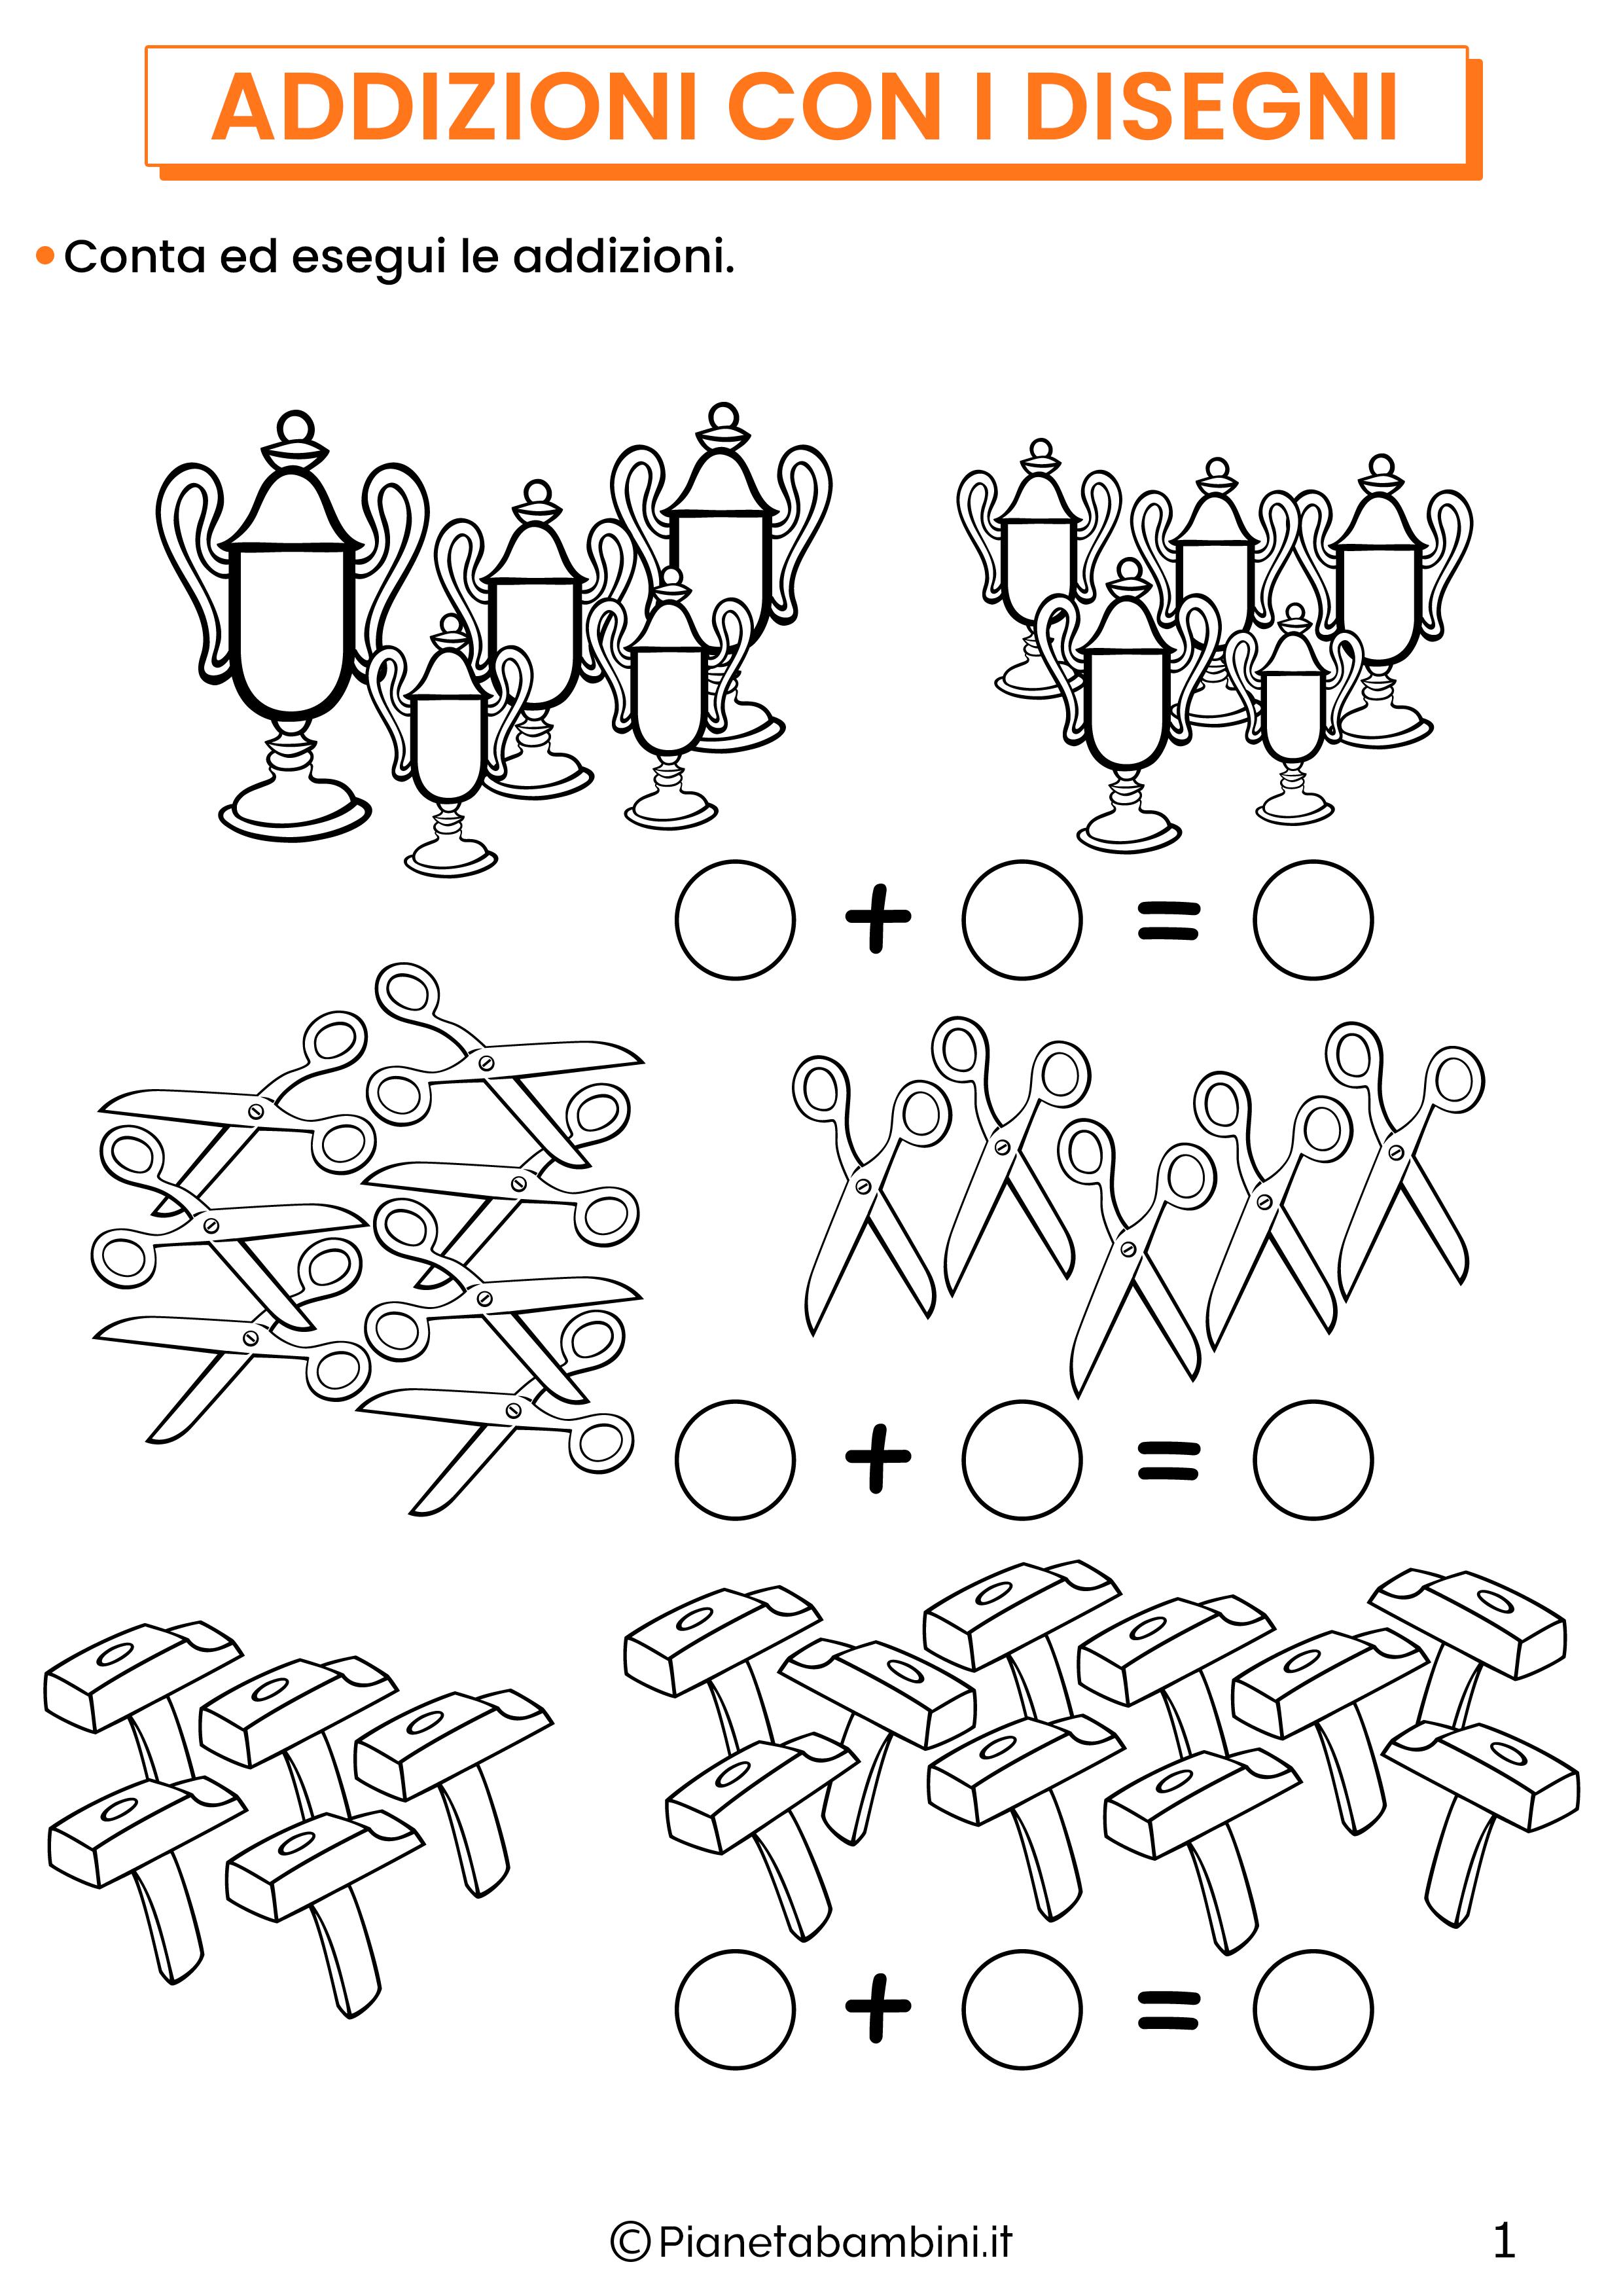 Addizioni con disegni per la classe prima pagina 1